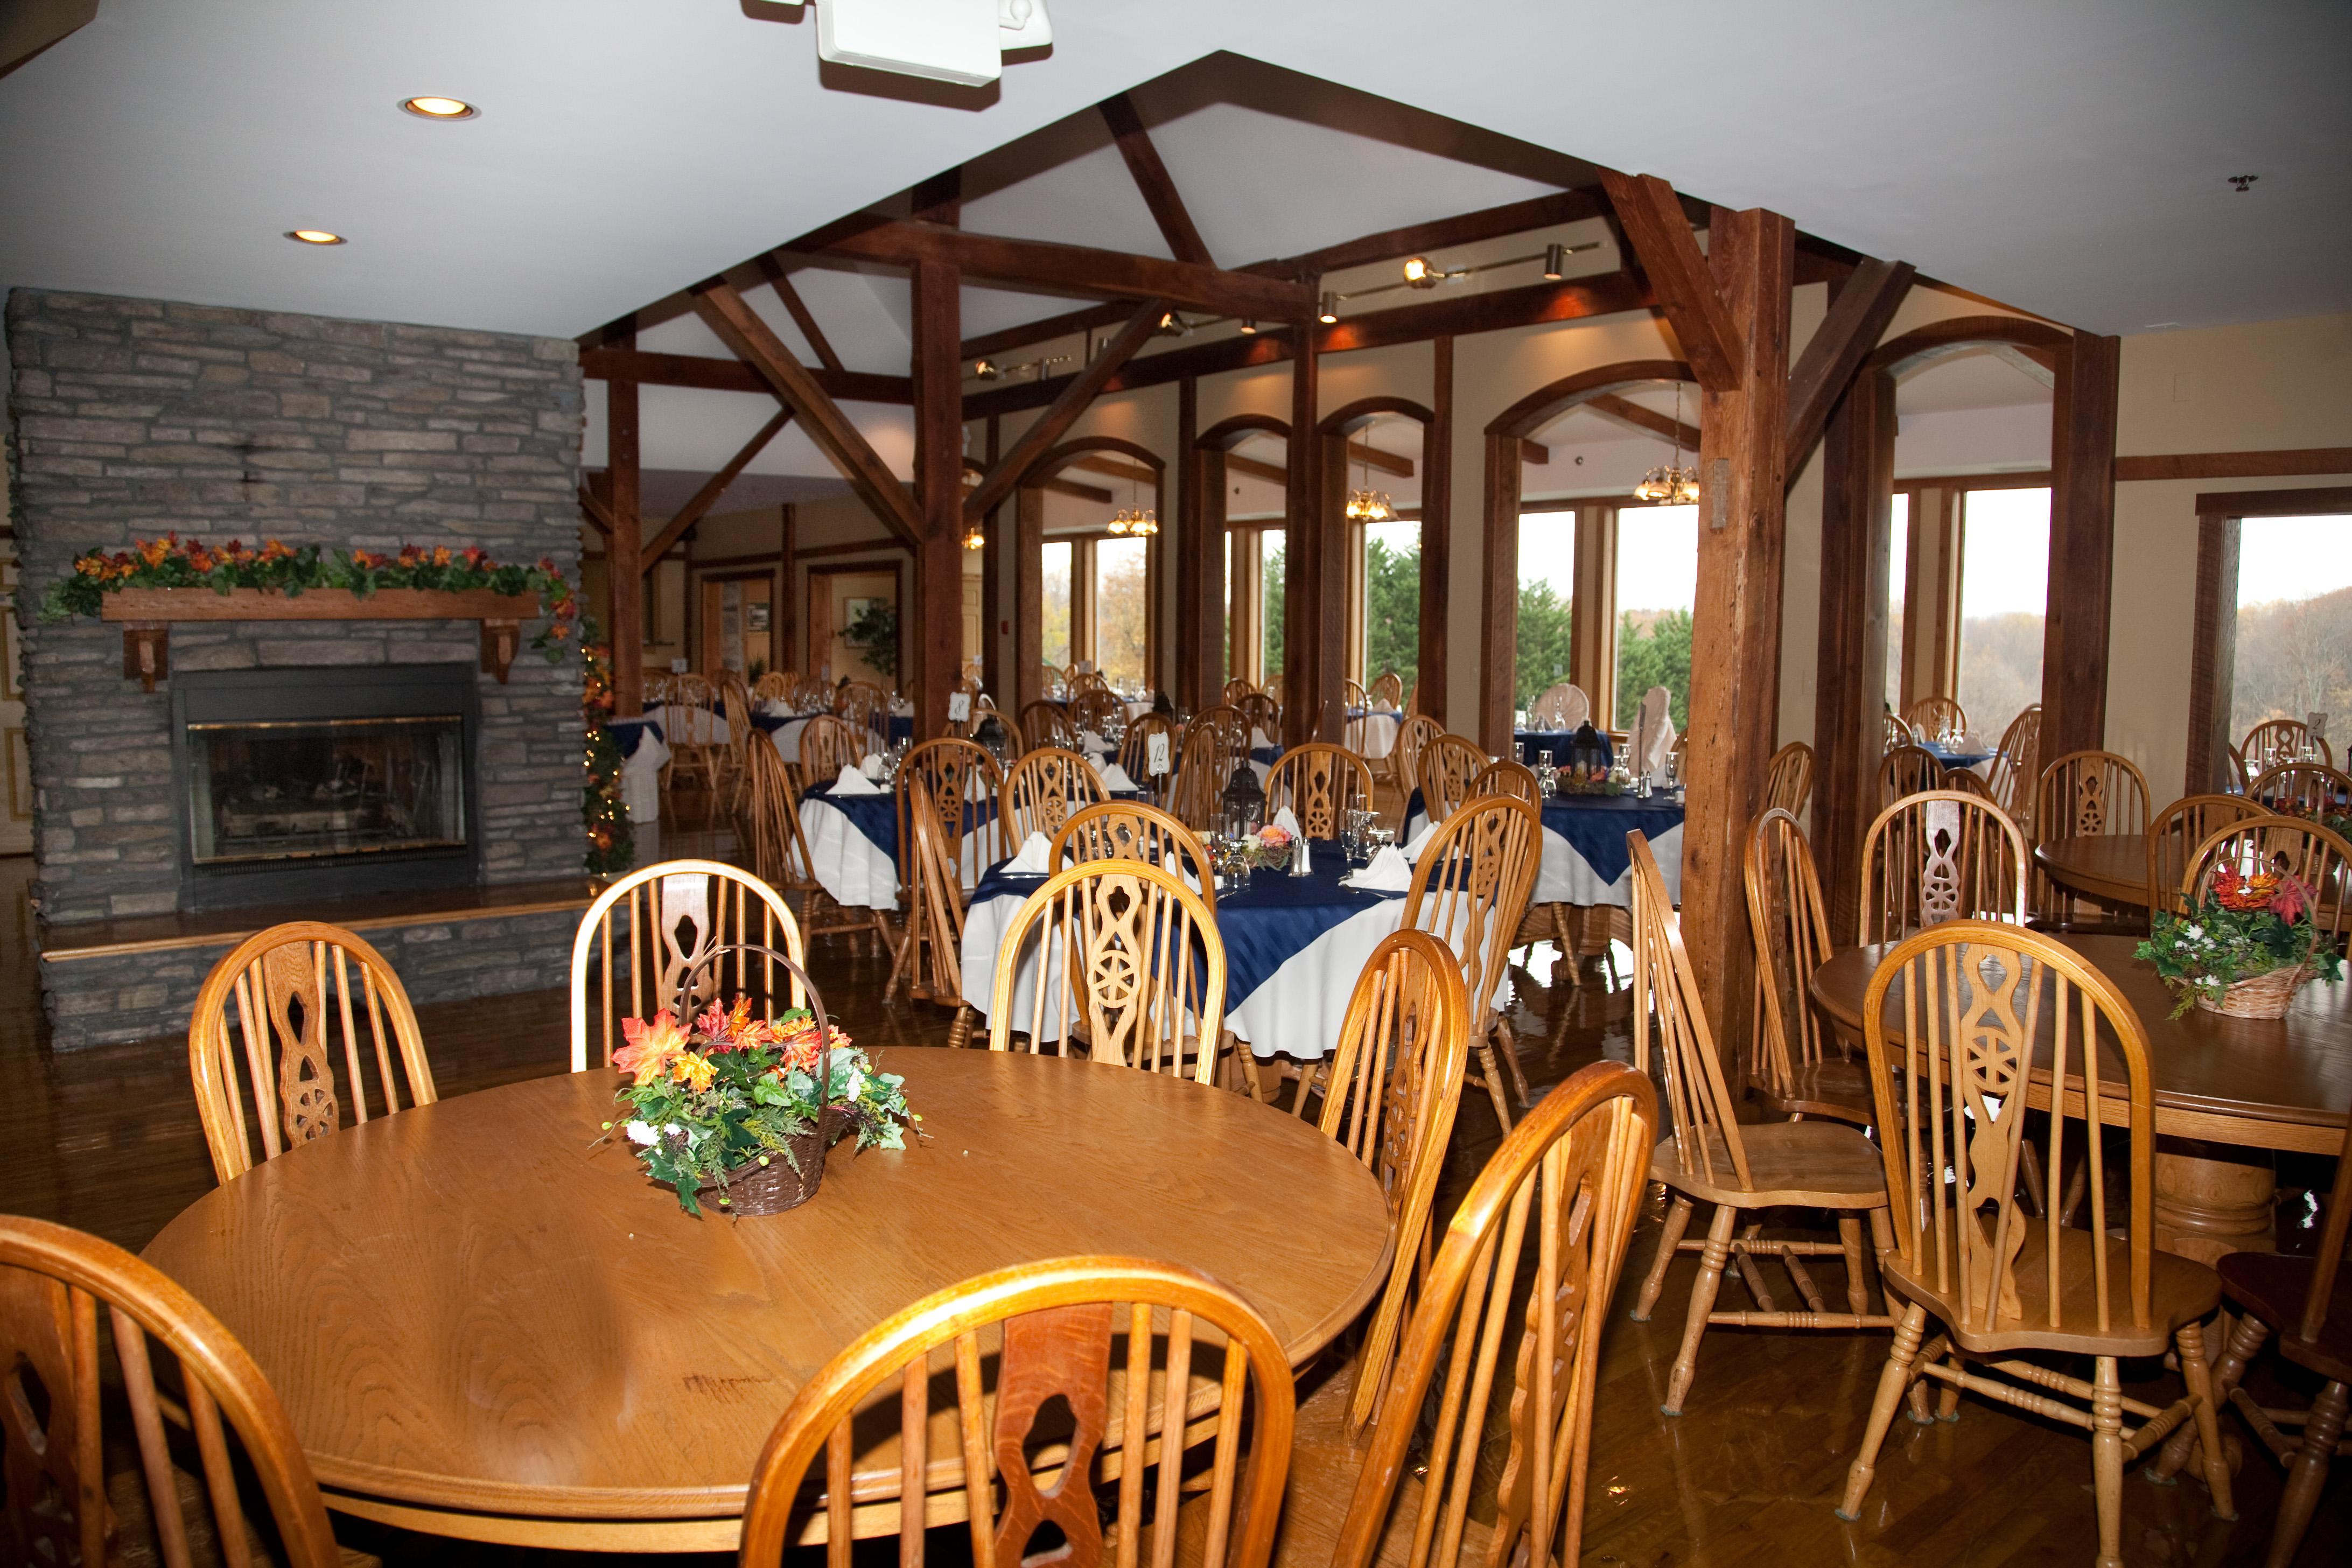 Morningside Inn image 6